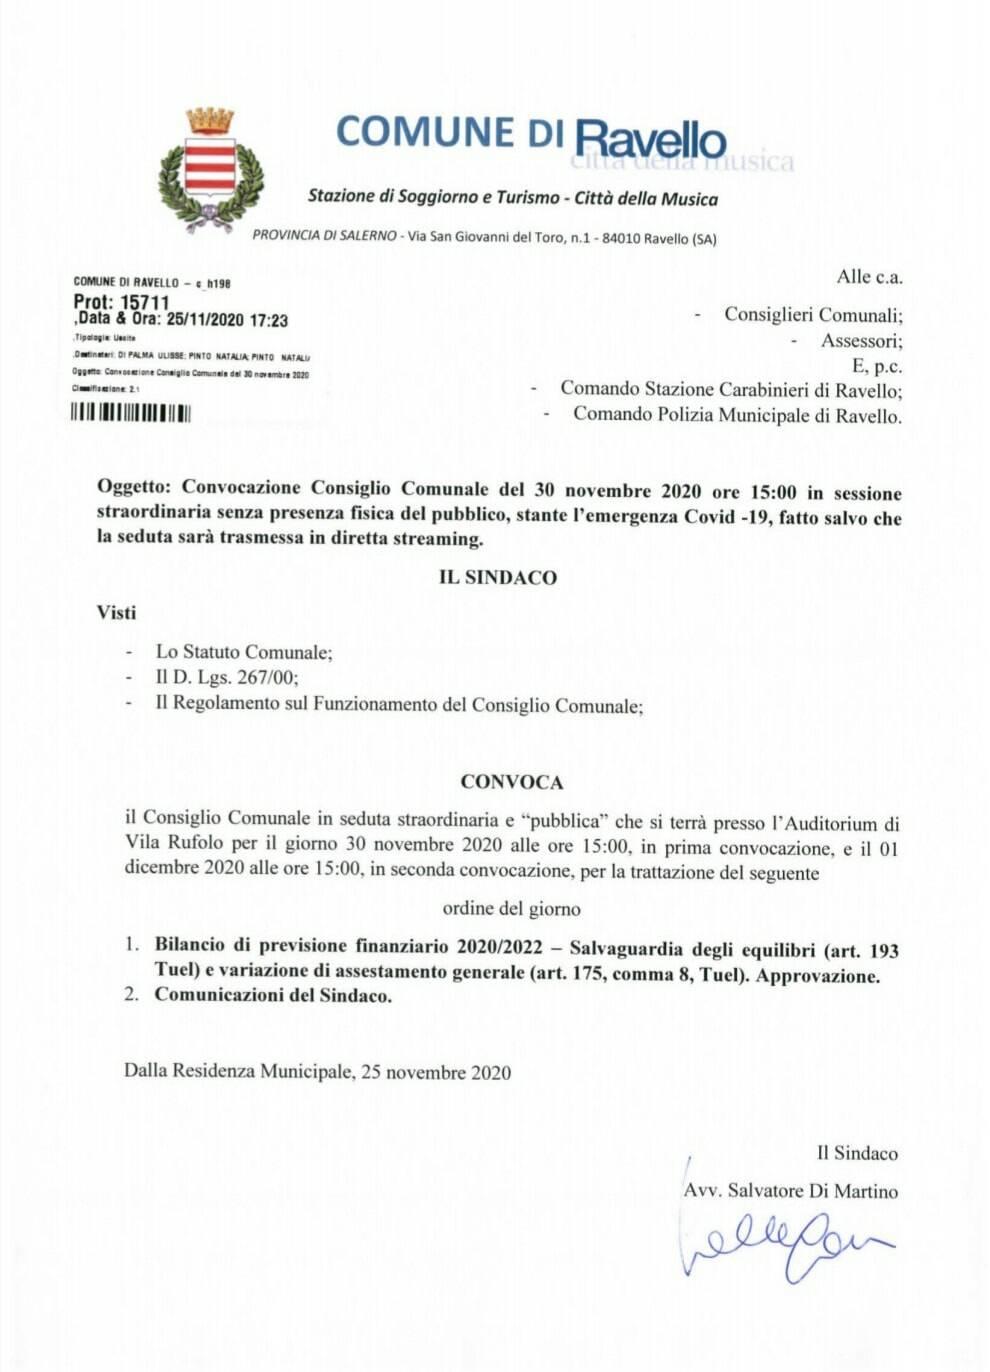 Ravello, lunedì 30 novembre convocato il Consiglio Comunale